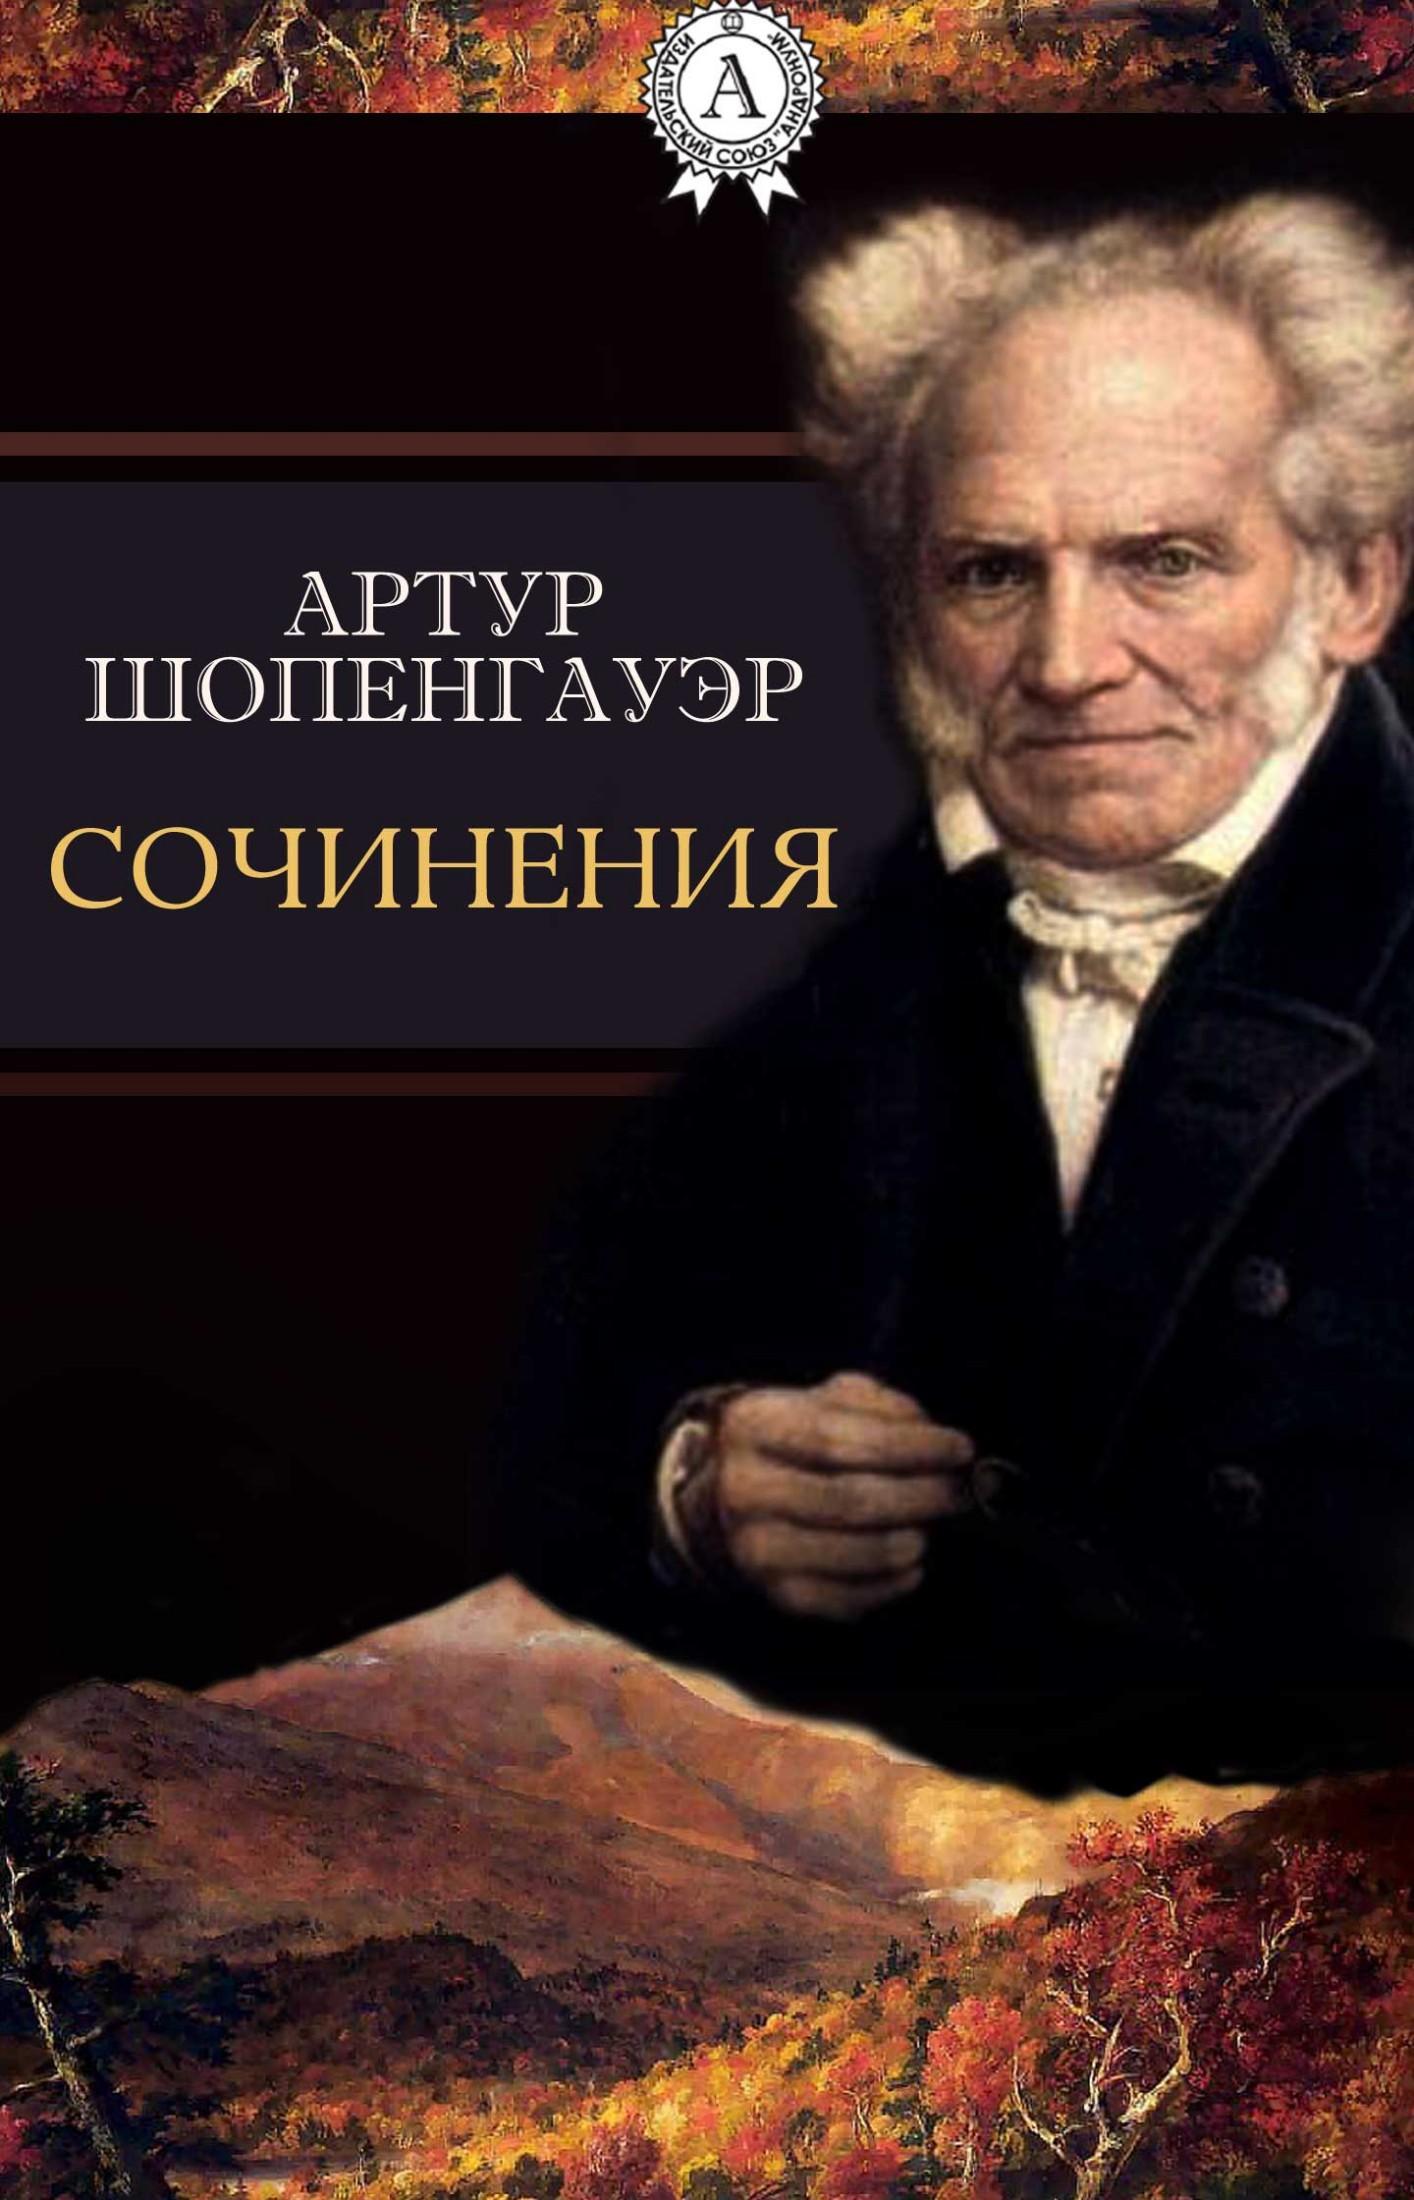 Артур Шопенгауер Сочинения